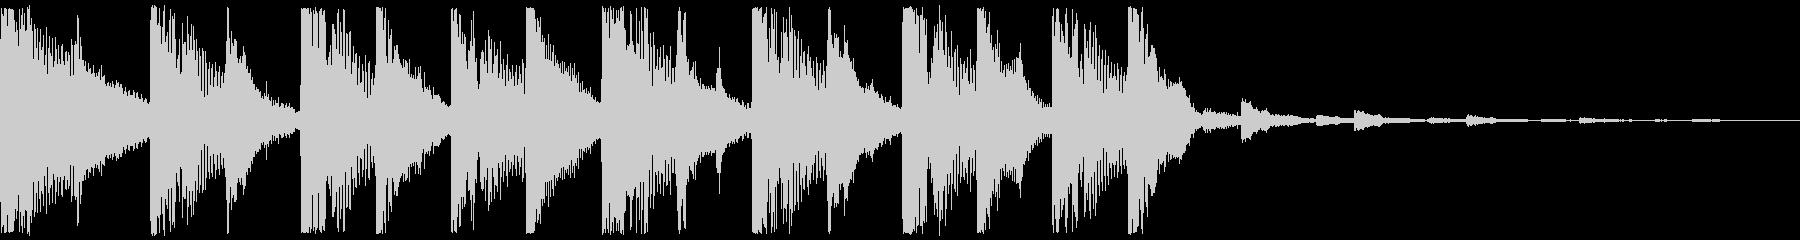 明るいイメージのジングルの未再生の波形